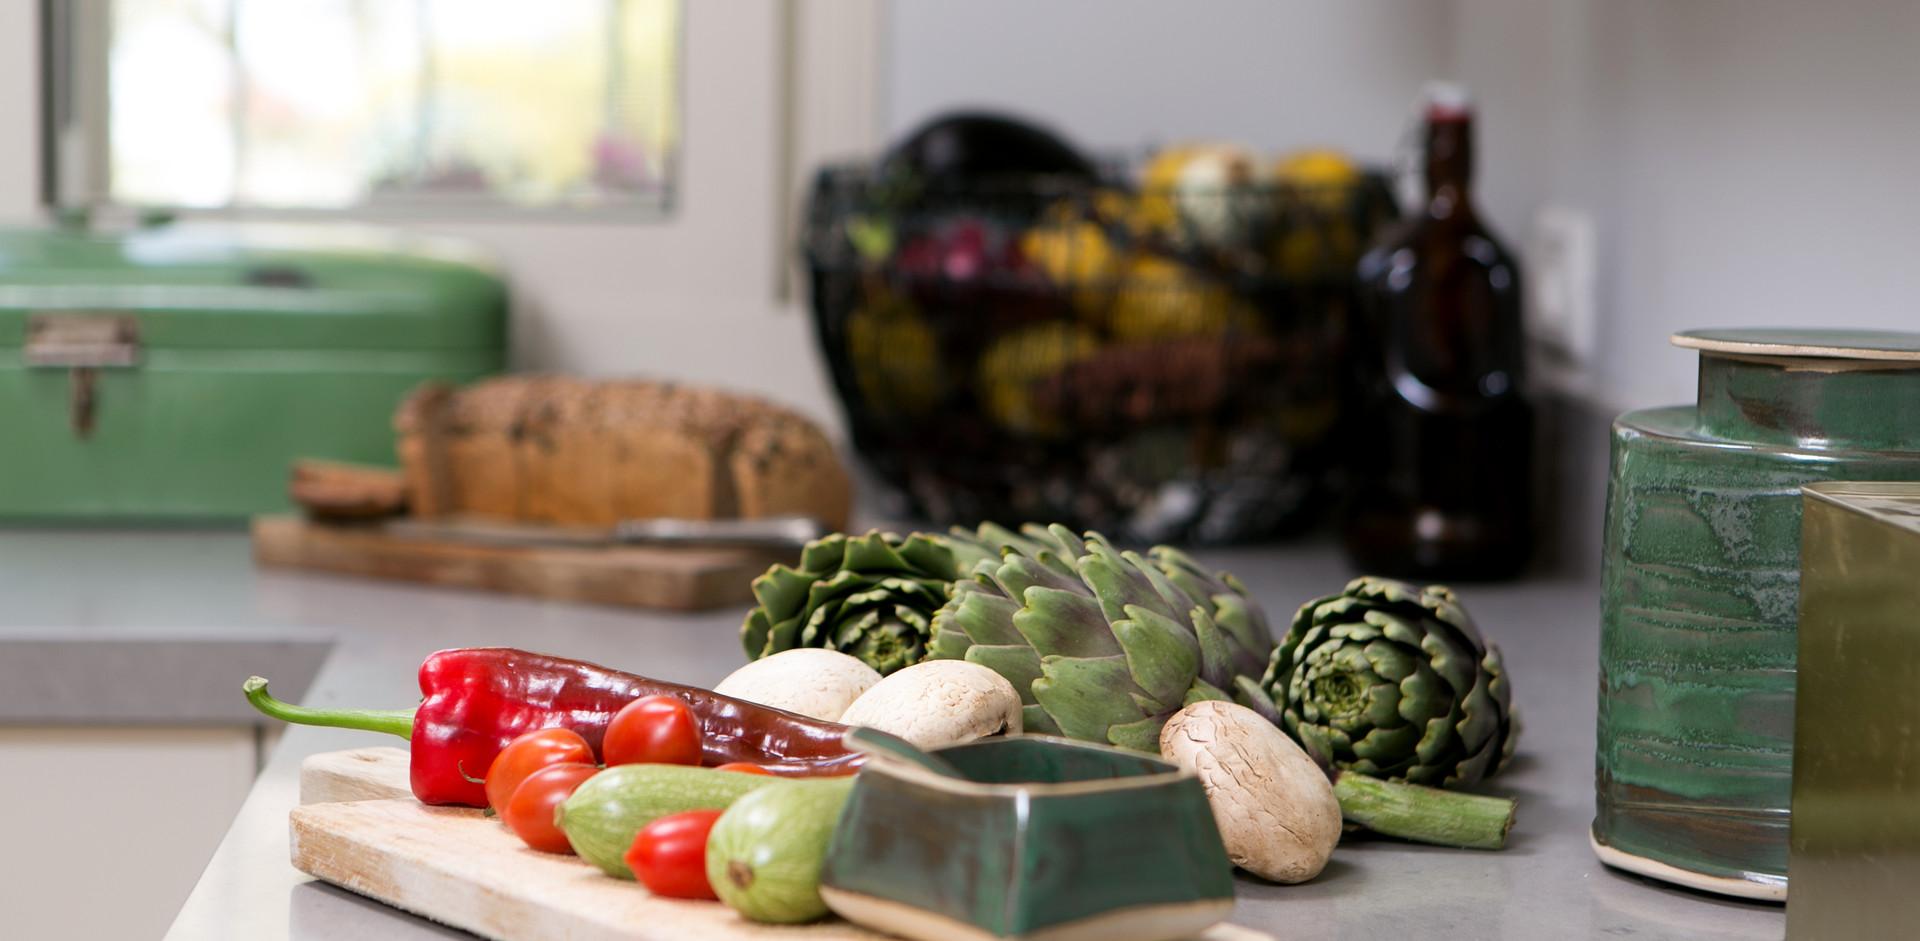 יצירה ישראלית משתלבת בעיצוב המטבח